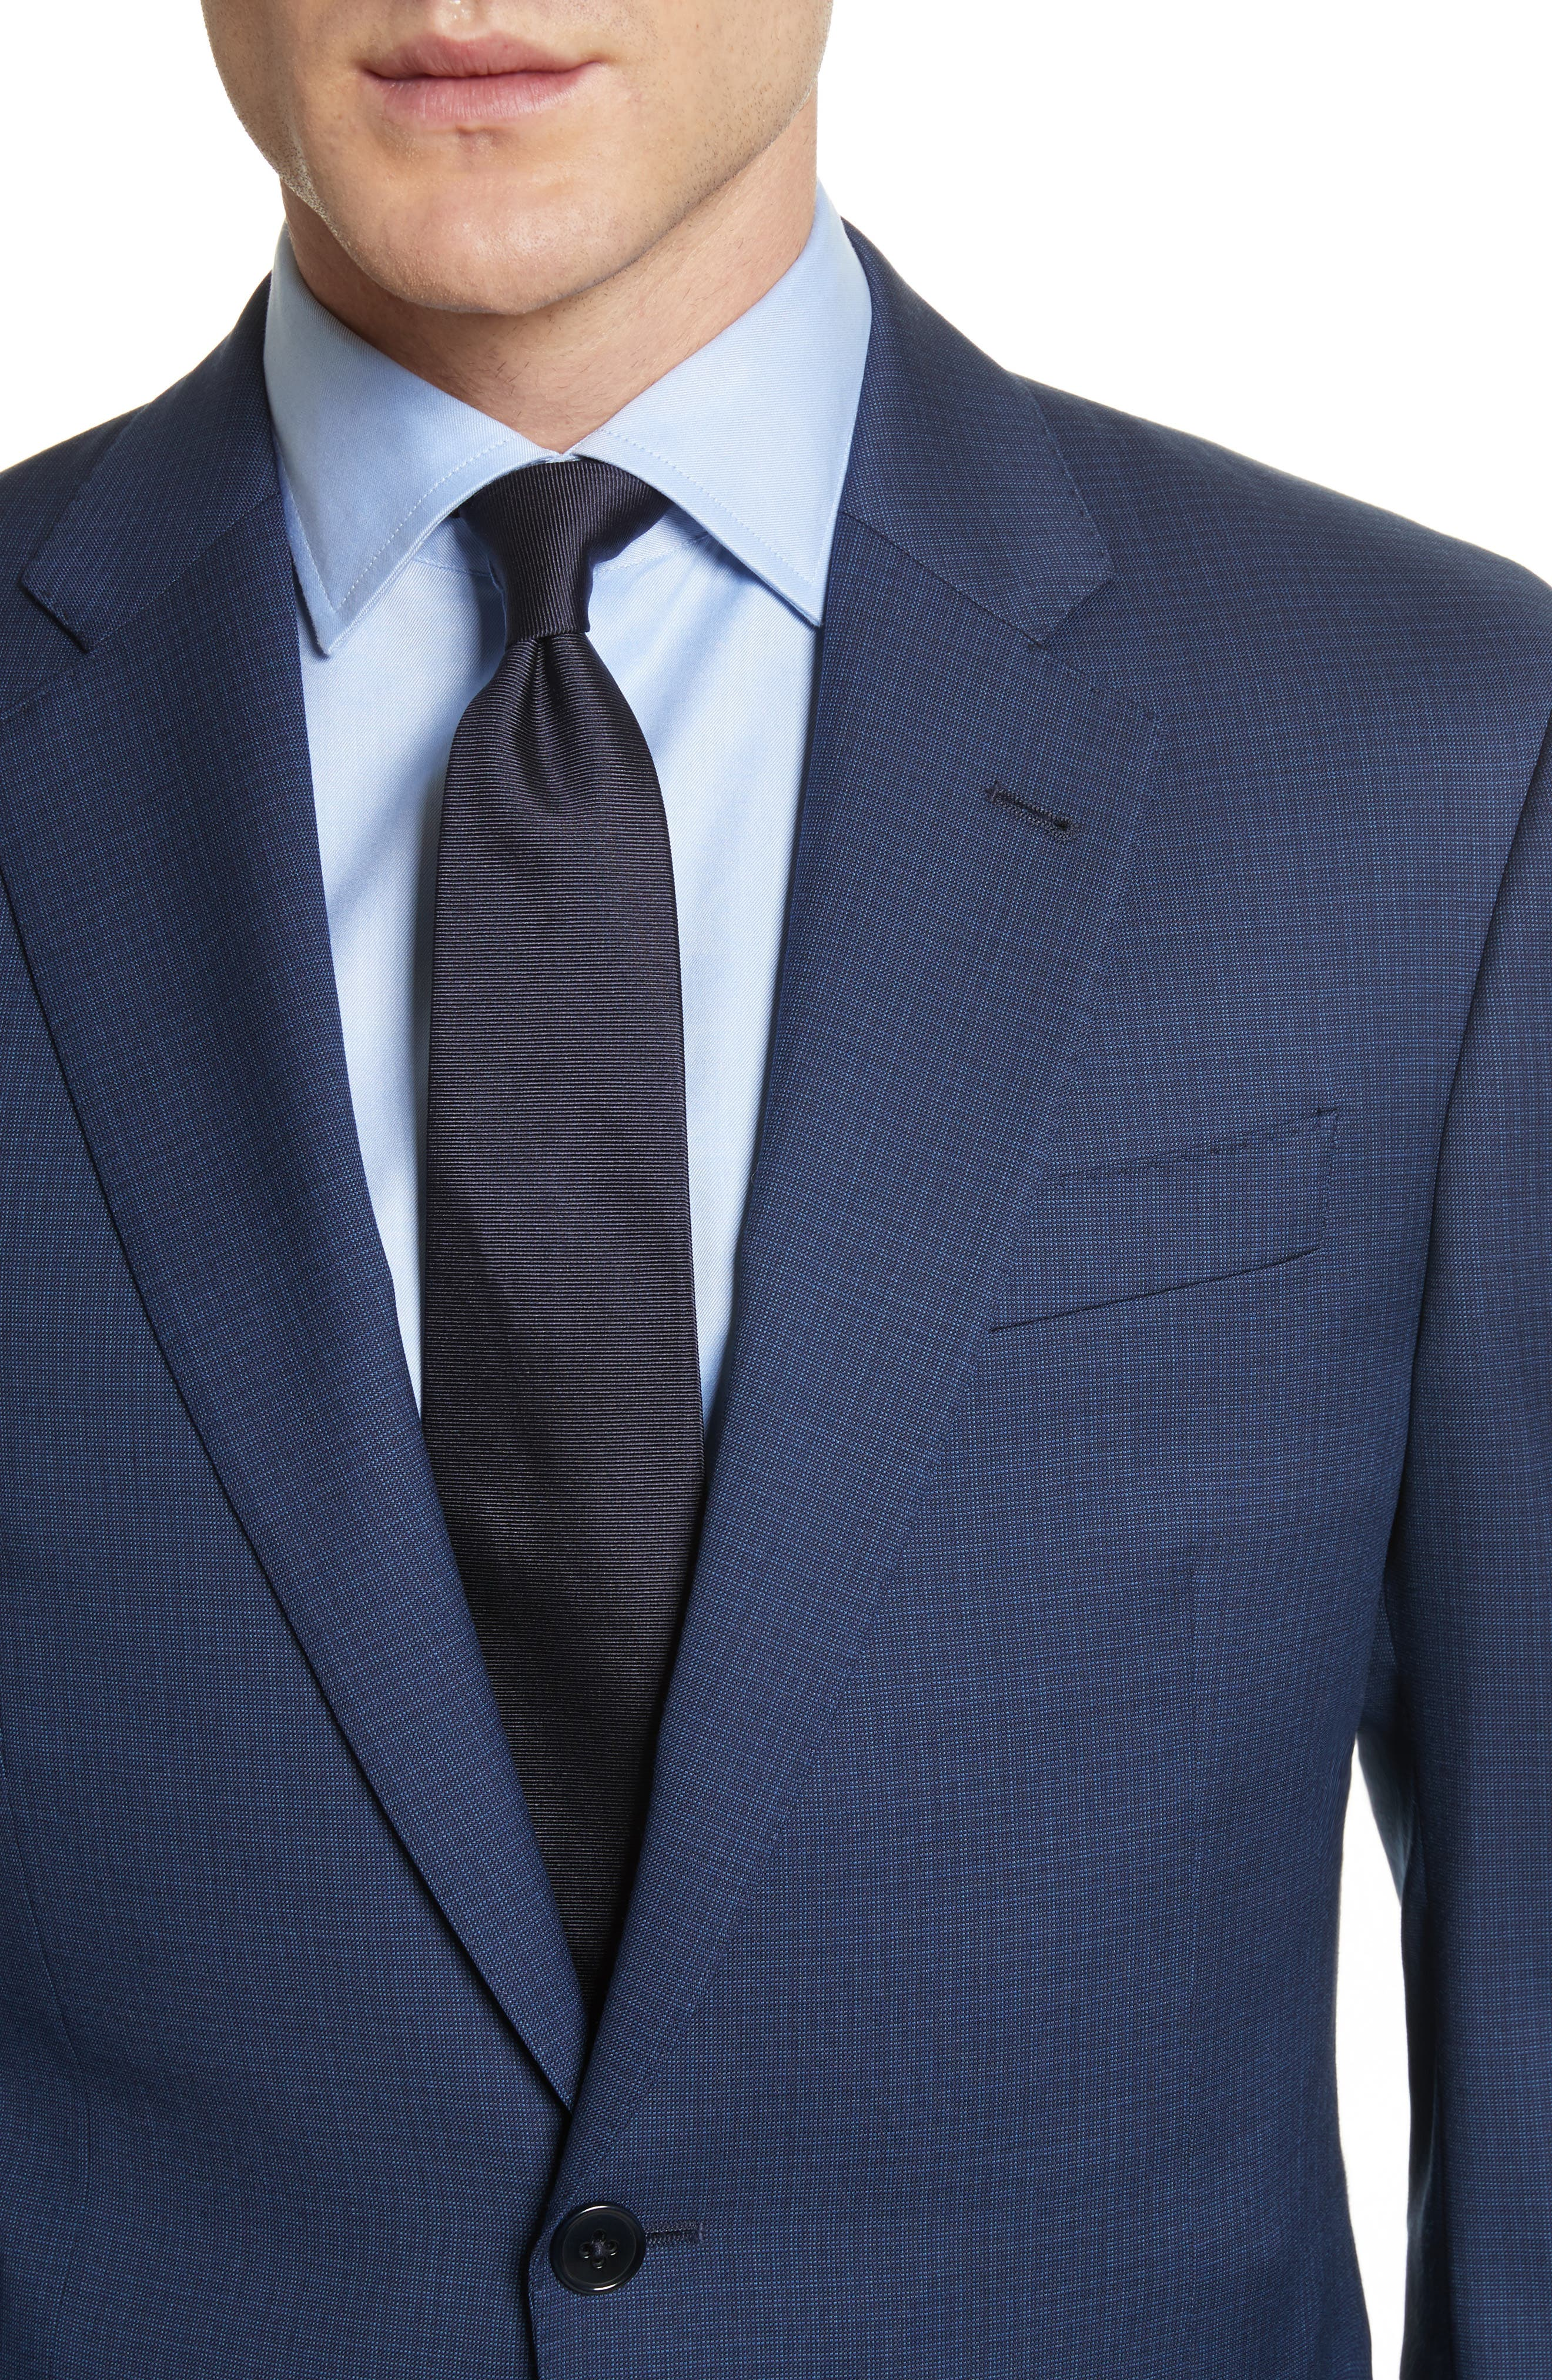 G Line Trim Fit Check Wool Suit,                             Alternate thumbnail 4, color,                             Navy